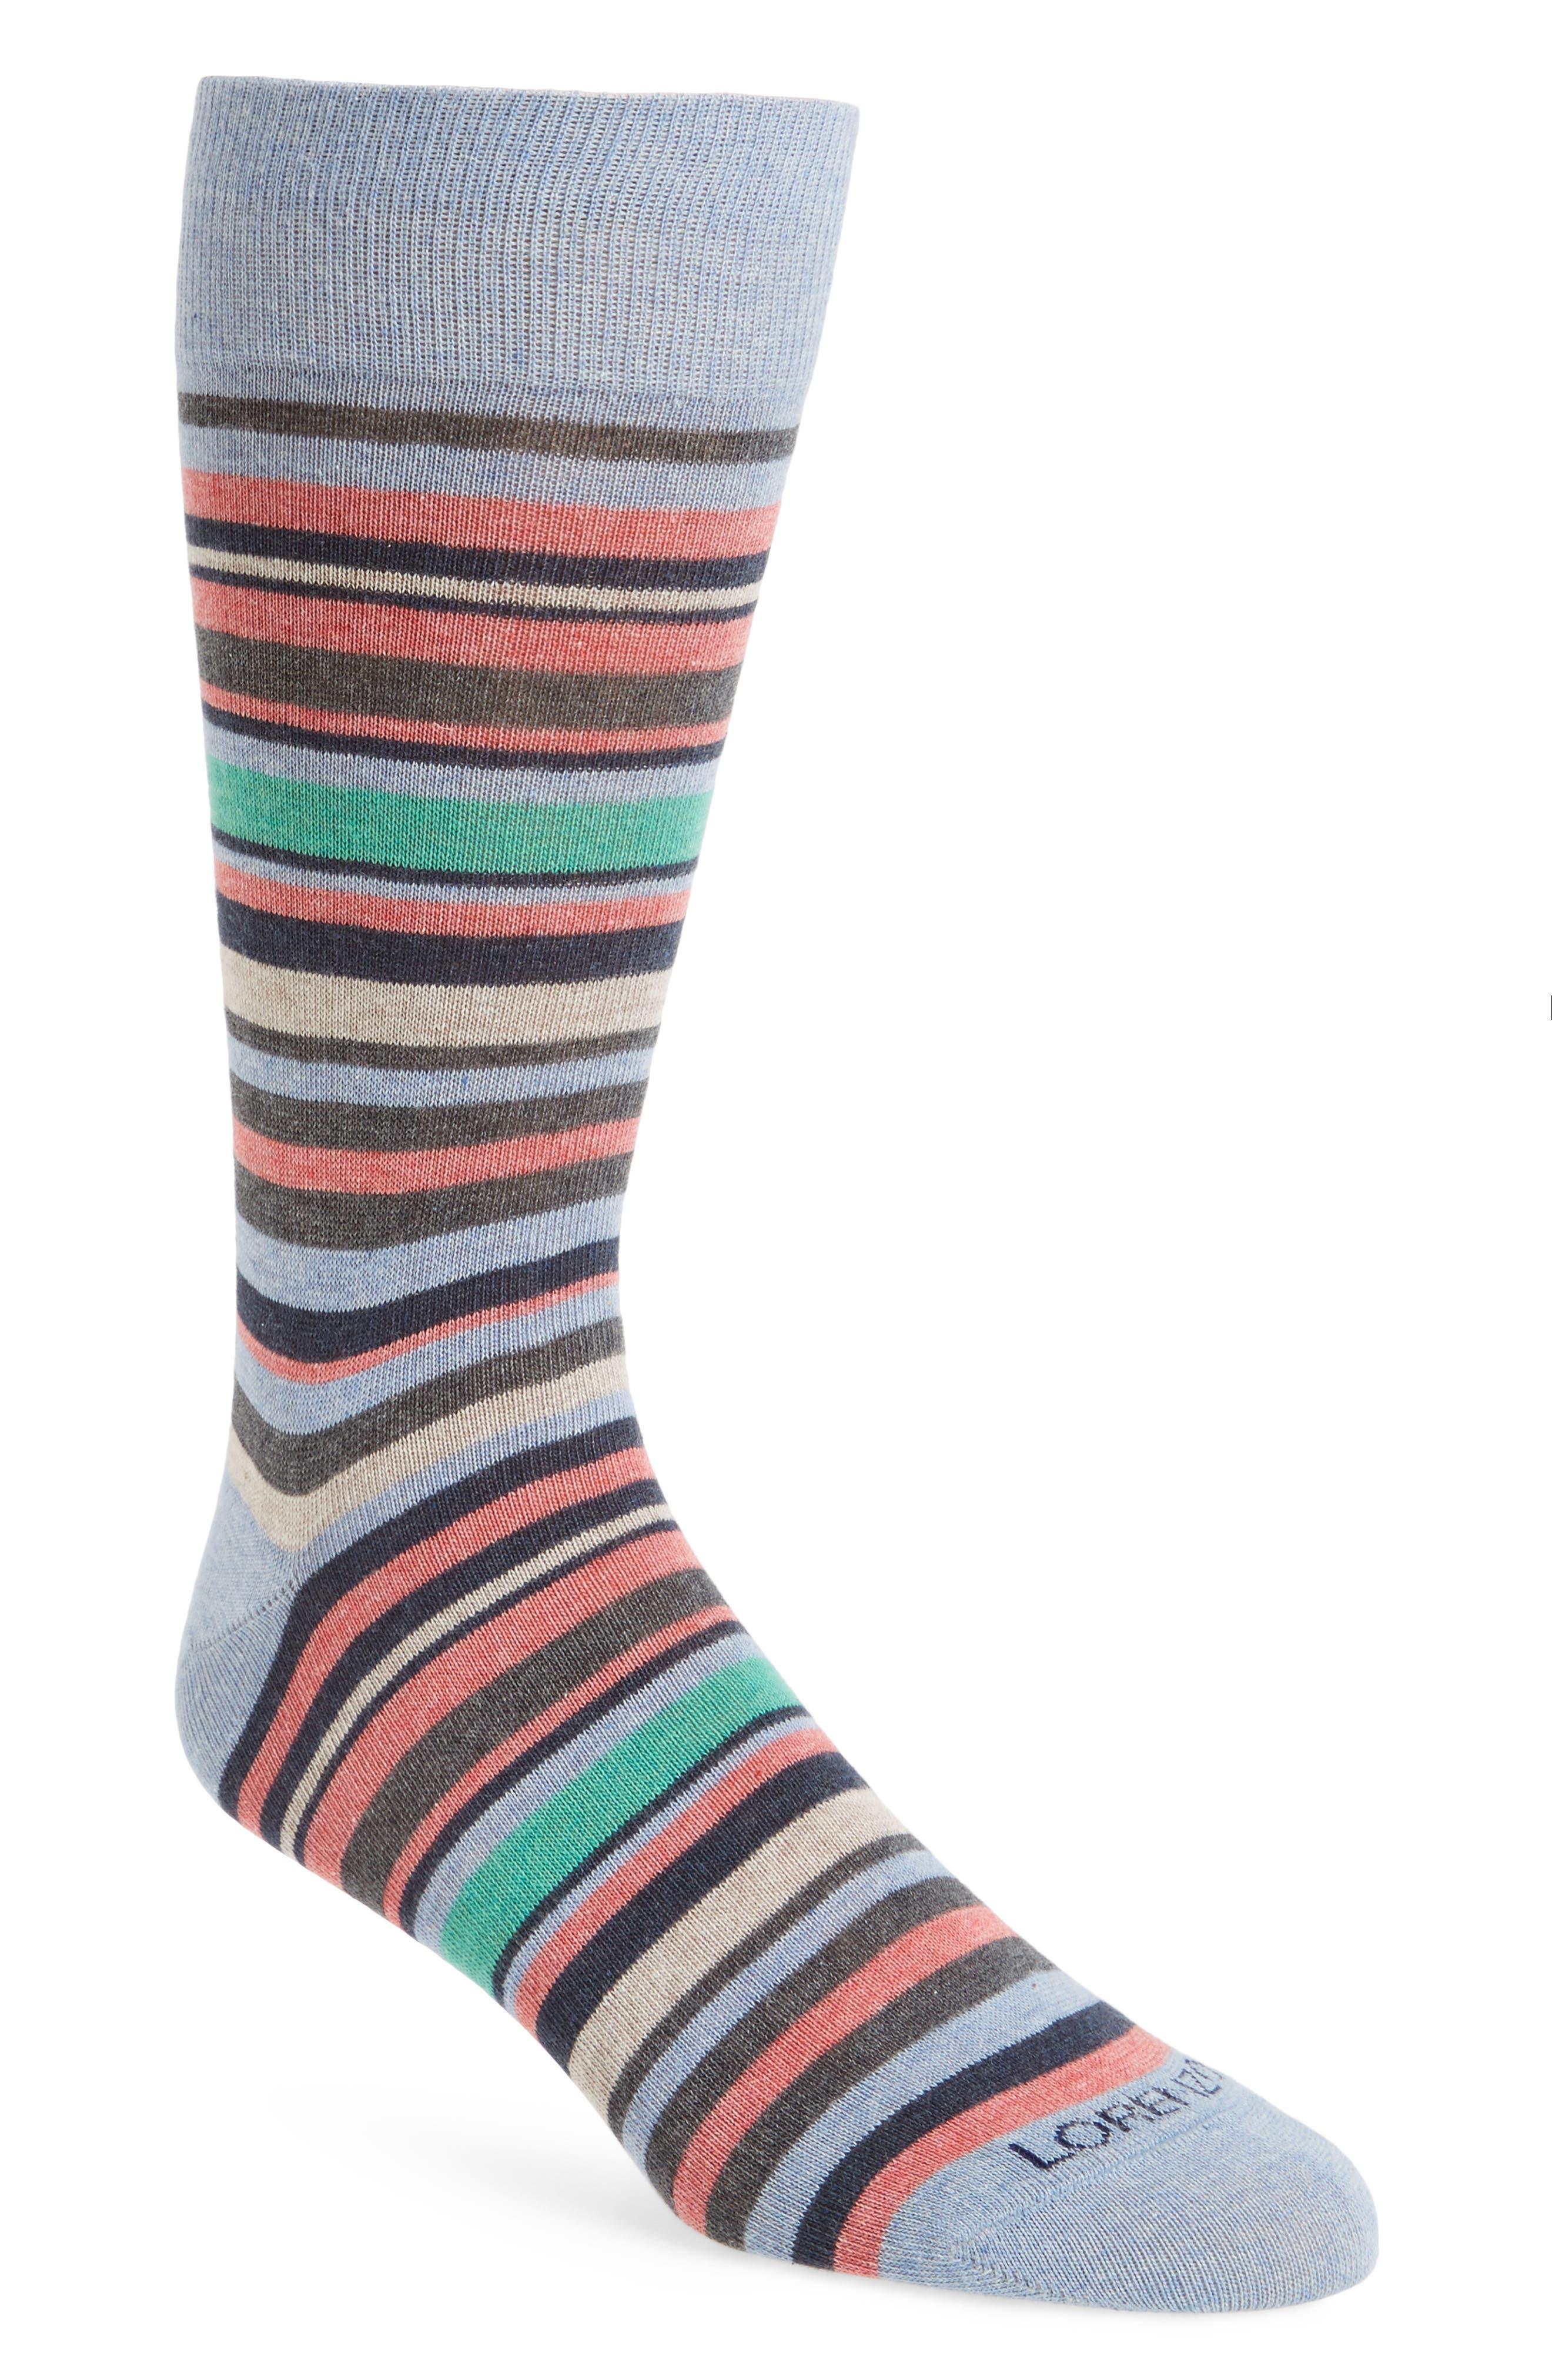 Stripe Cotton Blend Socks,                             Main thumbnail 1, color,                             Light Blue